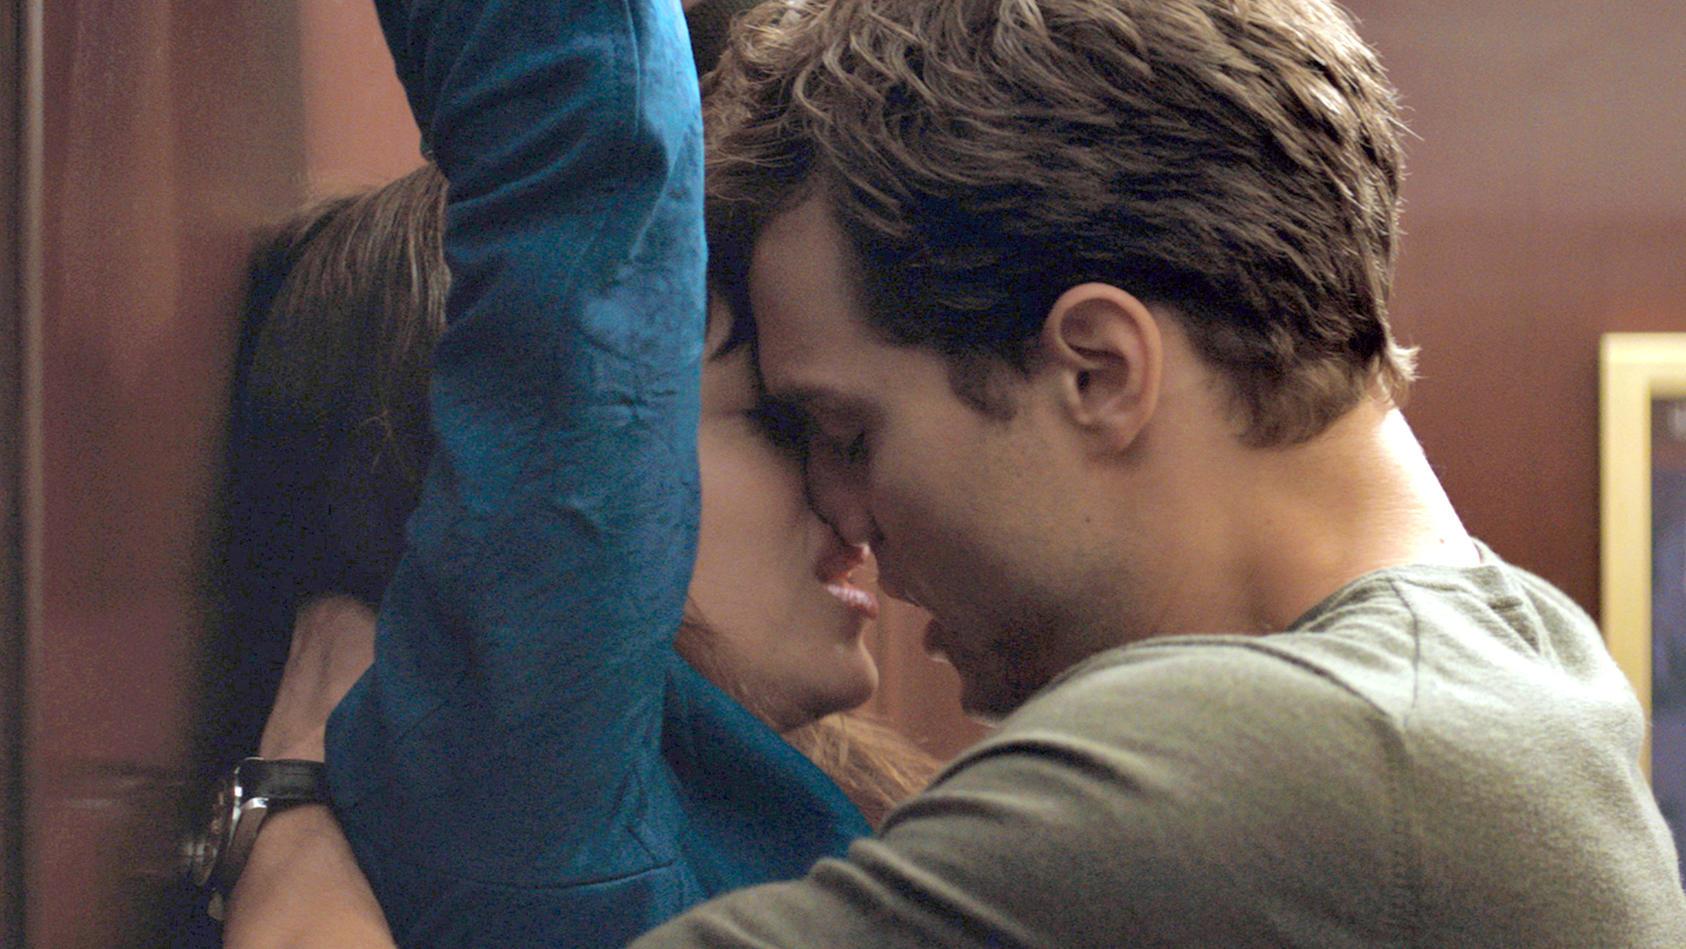 """Auch im 6. Teil der Erfolgsreihe von """"Fifty Shades of Grey"""" prickelt es heftig zwischen Anastasia Steele und Christian Grey - in der Verfilmung dargestellt von Dakota Johnson und Jamie Dornan."""